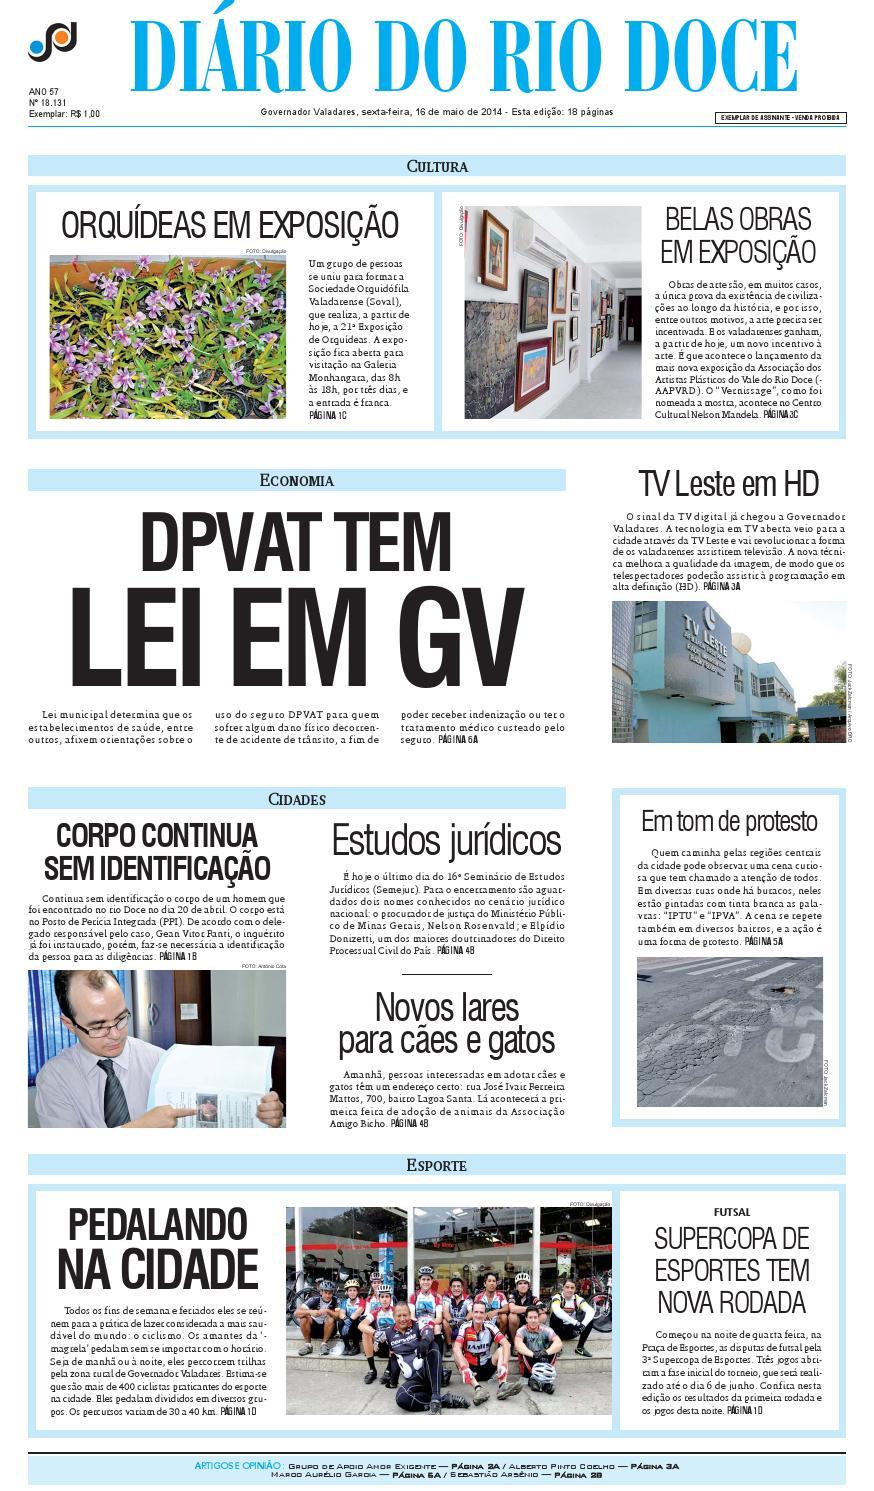 Diário do Rio Doce - Edição de 16 05 2014 by Diário do Rio Doce - issuu 99b1dedeb3ce3